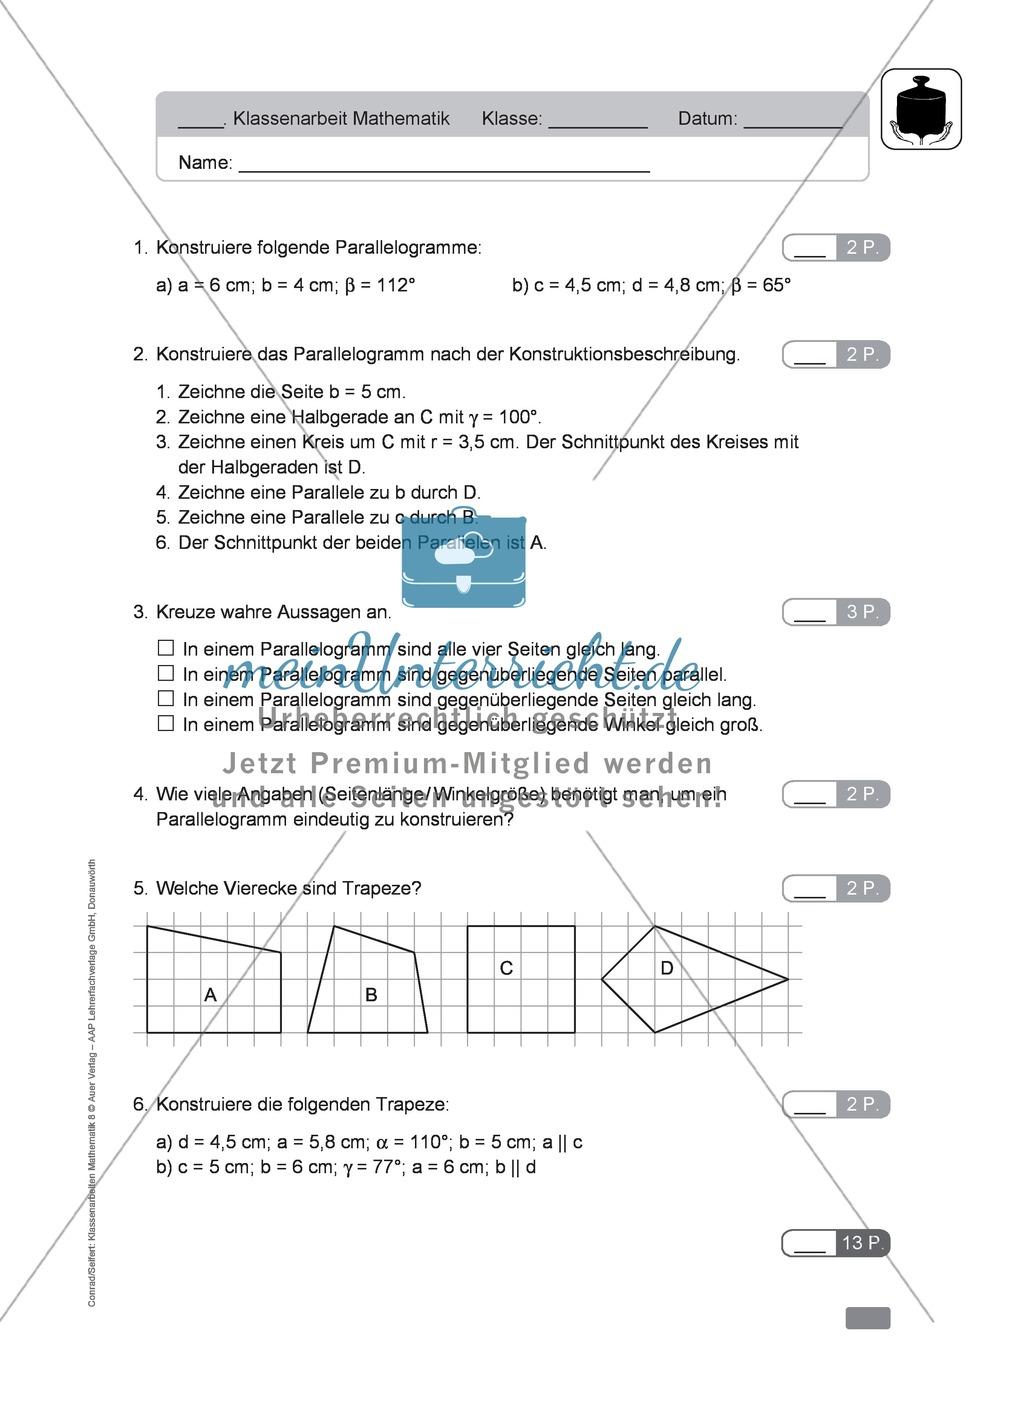 Luxury Geometrie Arbeitsblatt Drachen Und Trapeze Antworten Picture ...